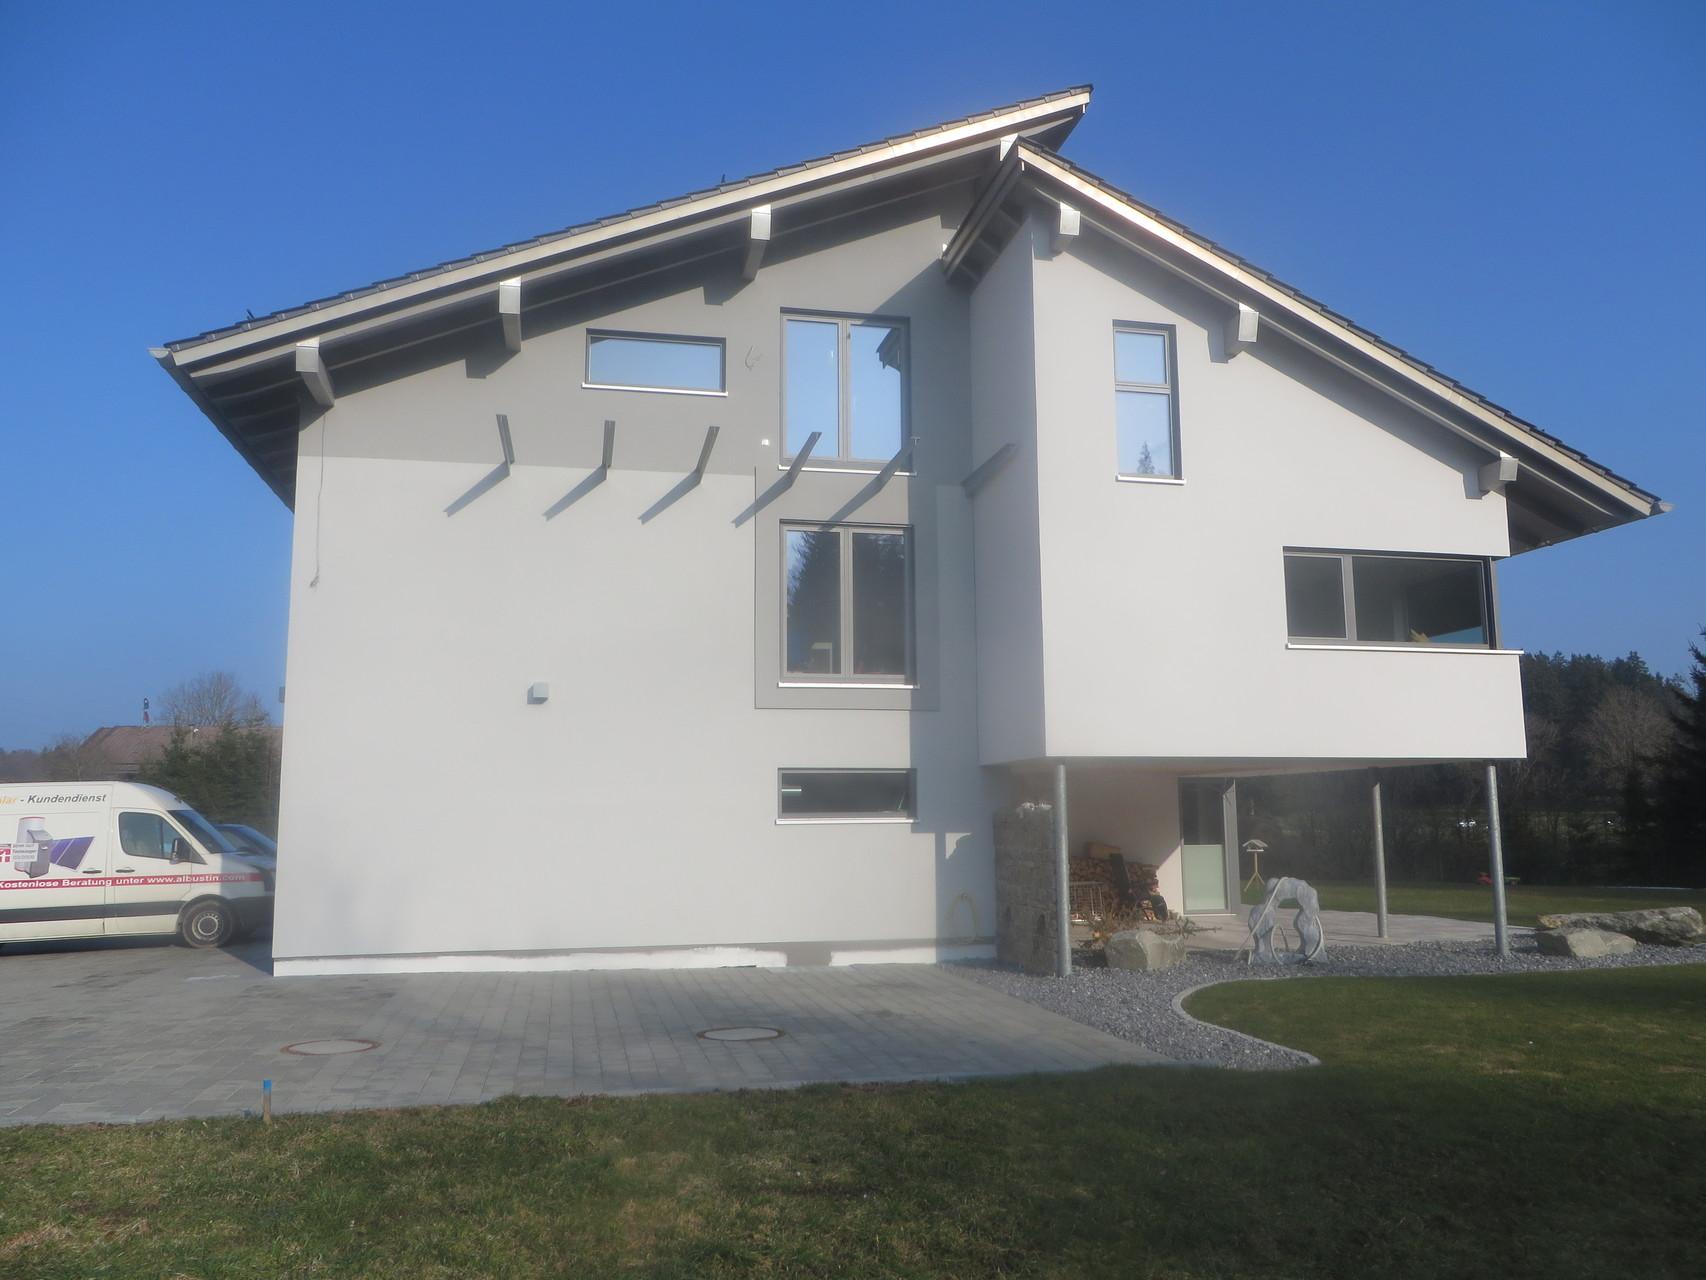 Wohn- und Gewerbebau, Waakirchen-Krottenthal